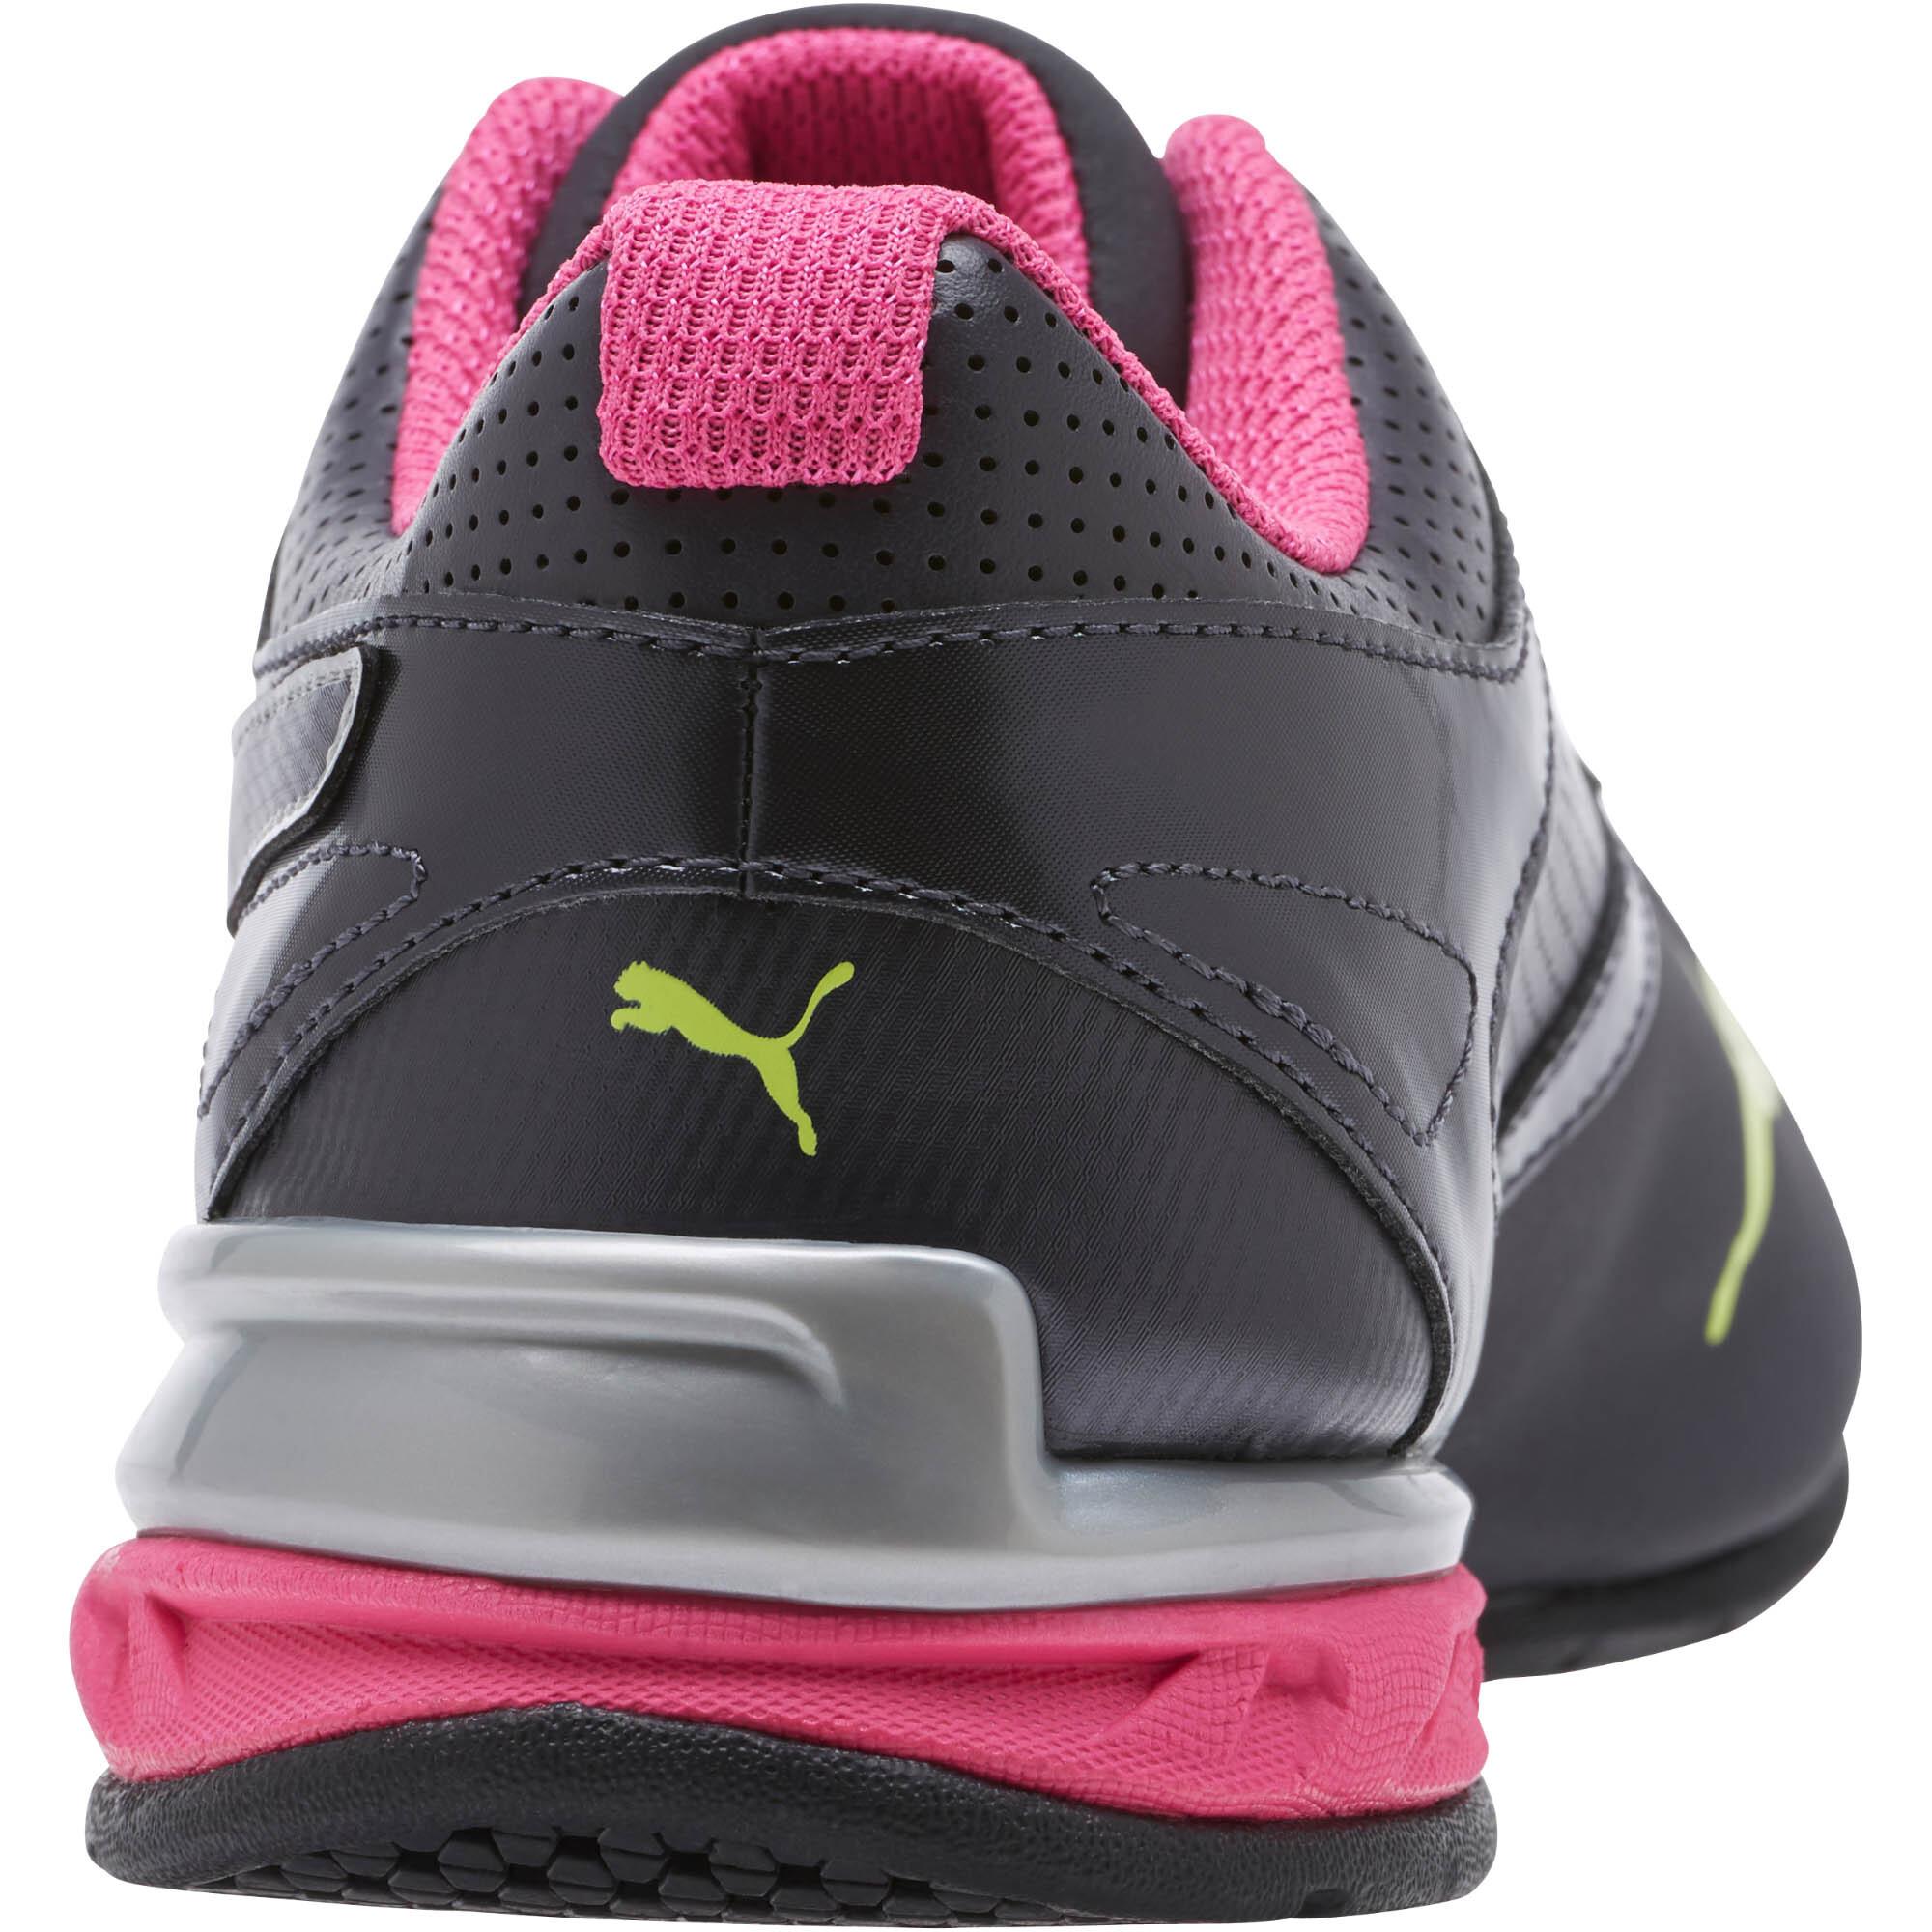 PUMA-Tazon-6-FM-Women-039-s-Sneakers-Women-Shoe-Running thumbnail 27